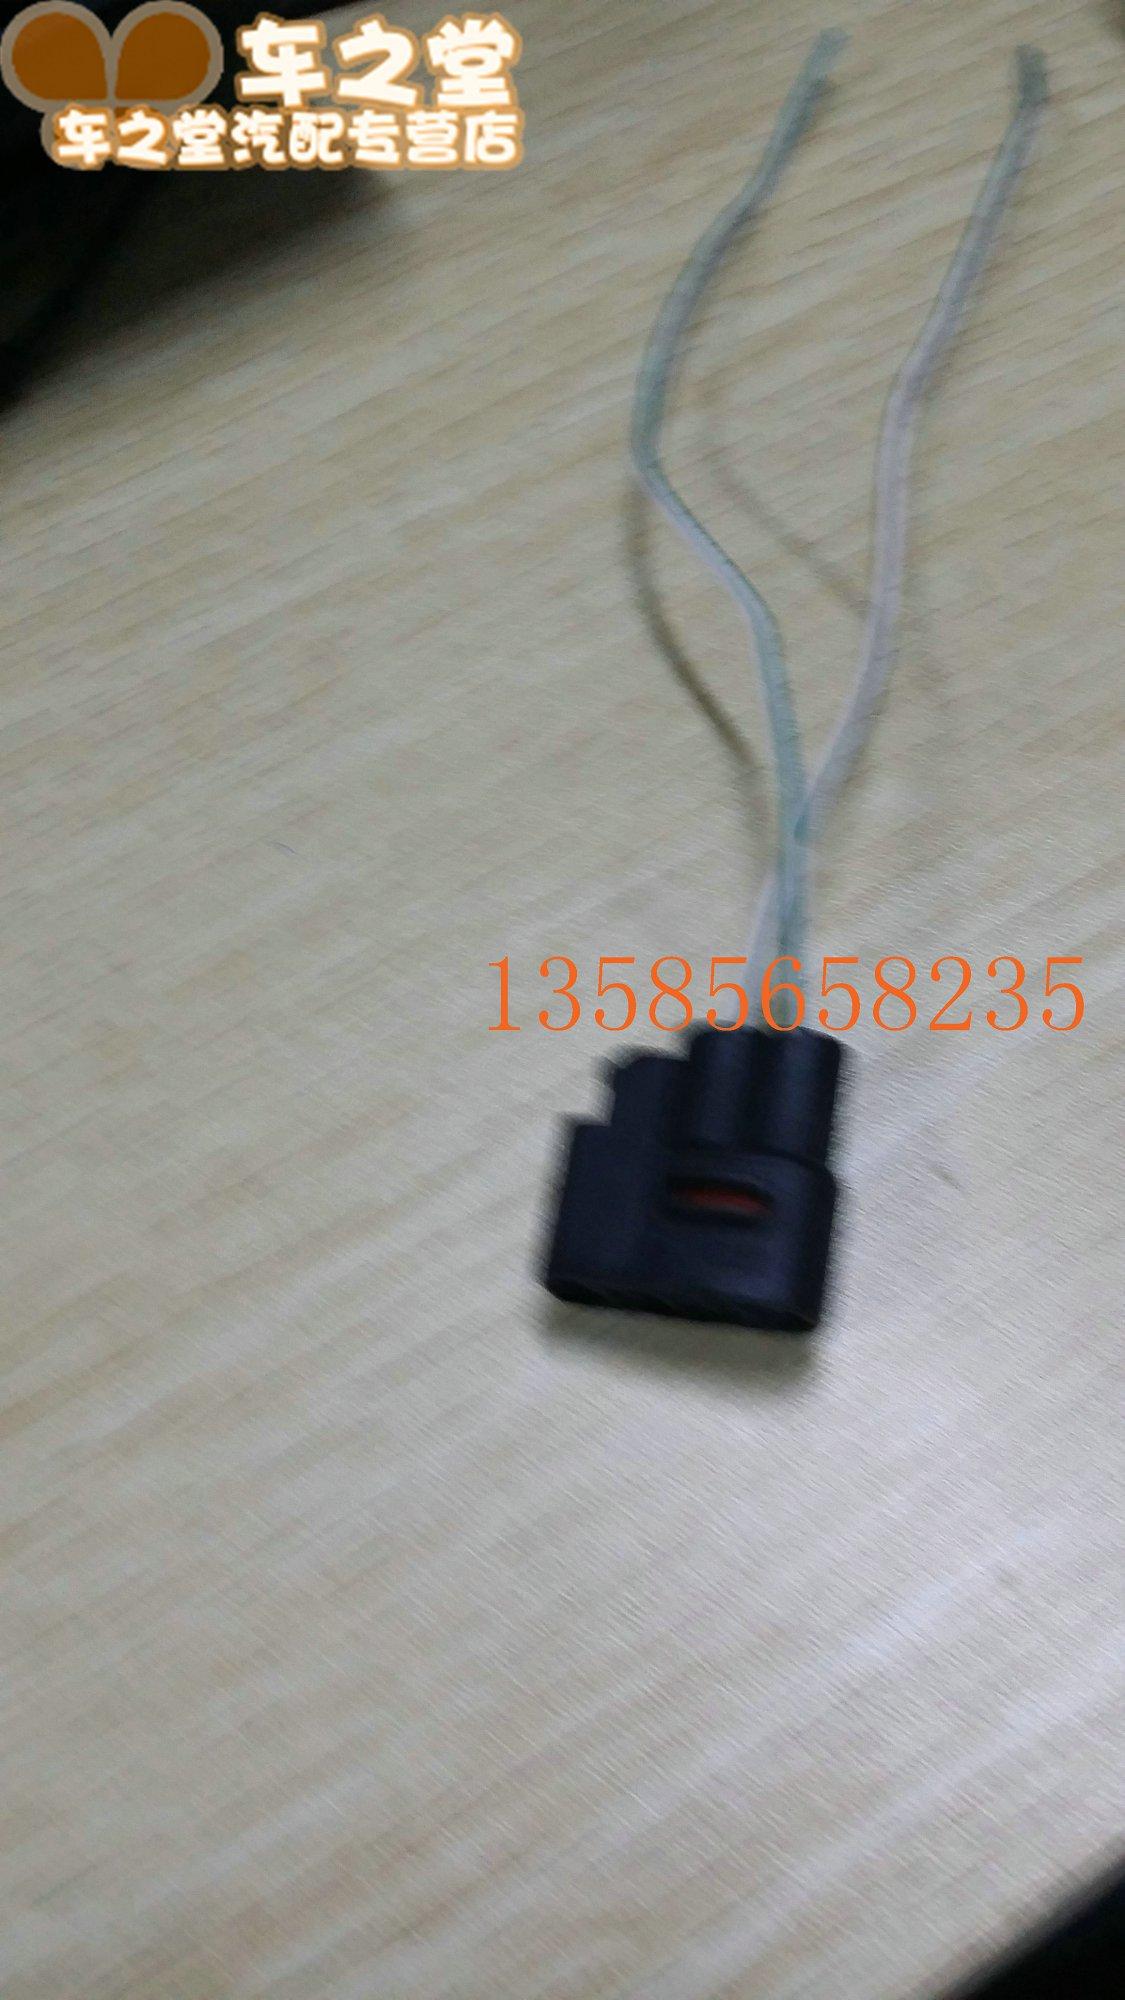 奔驰mb100 伊斯坦纳 上海汇众 点火线圈插头2叉纯正配件